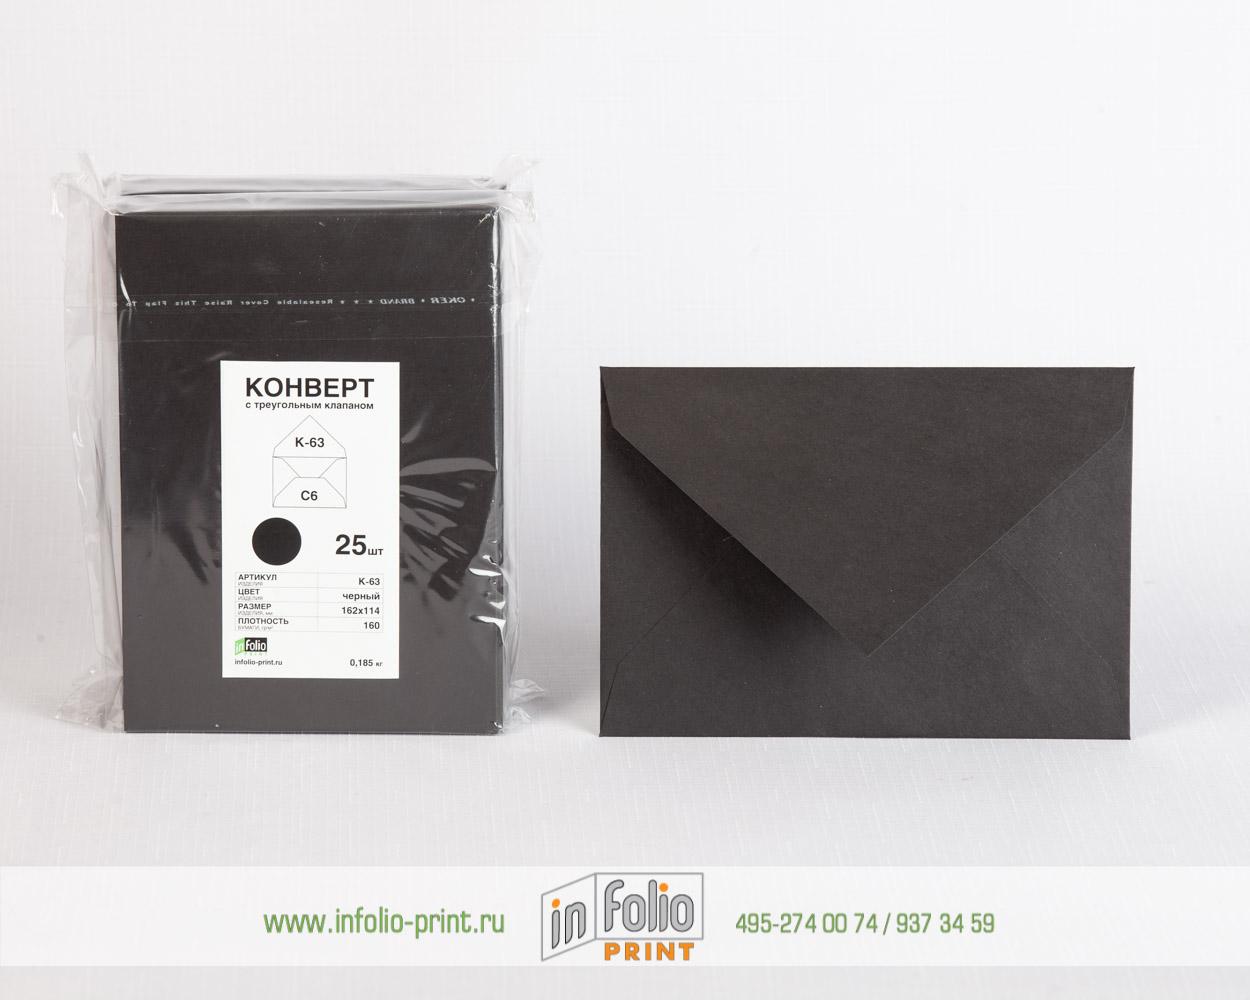 Продажа готовых конвертов черного цвета